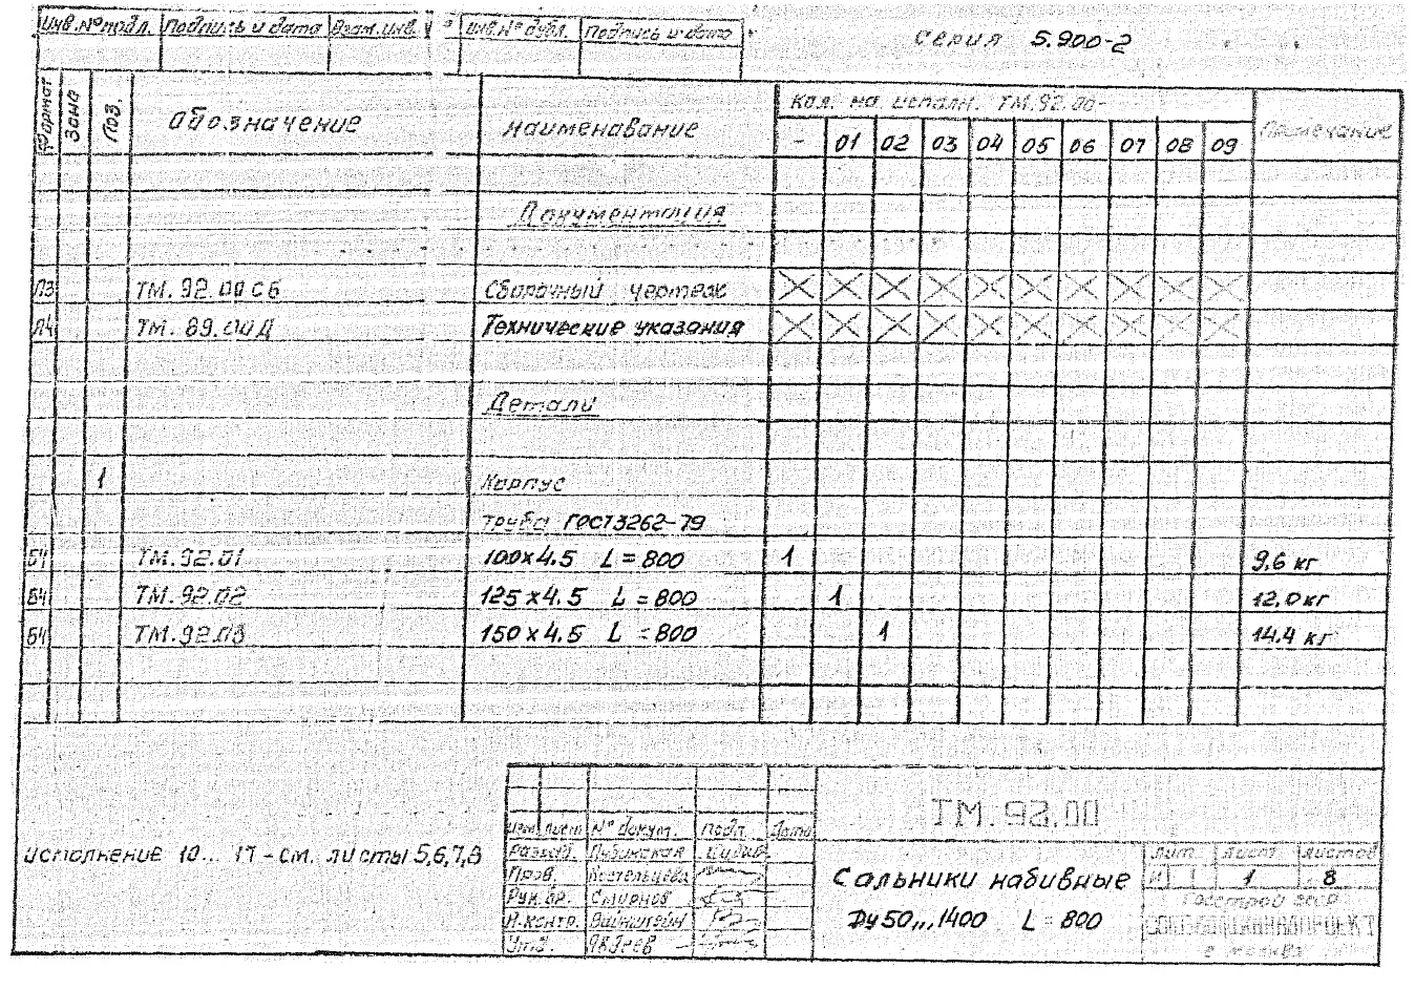 Сальники набивные ТМ.92.00 серия 5.900-2 стр.2